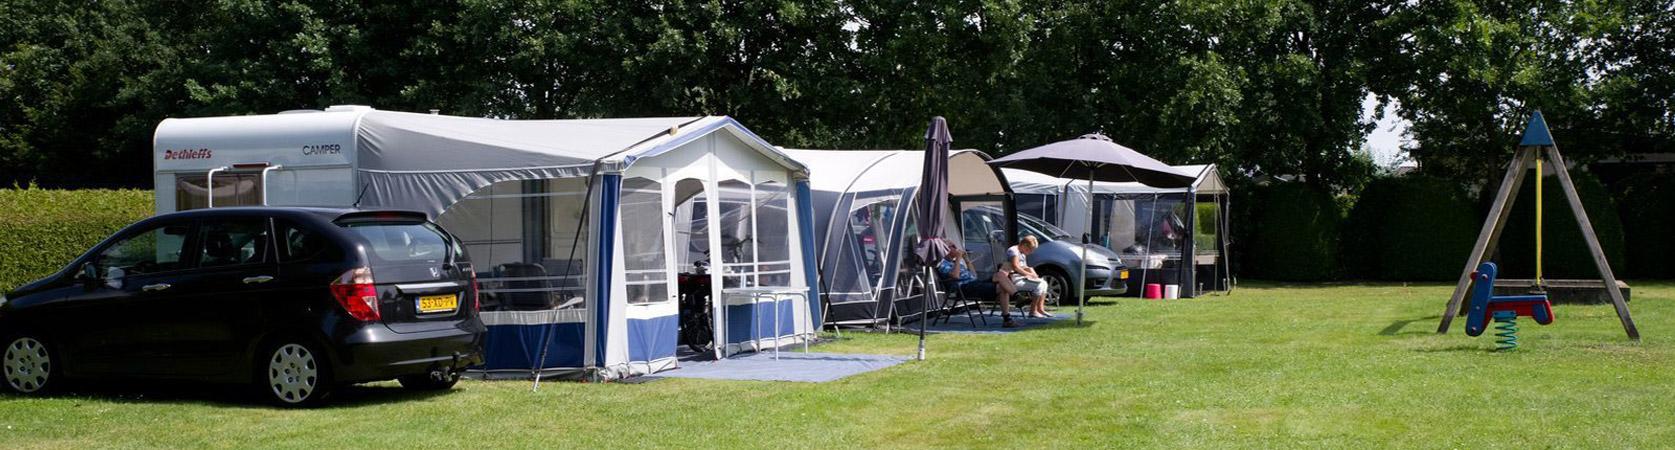 Recreatiepark De Tien Heugten - Schoonloo, Drenthe